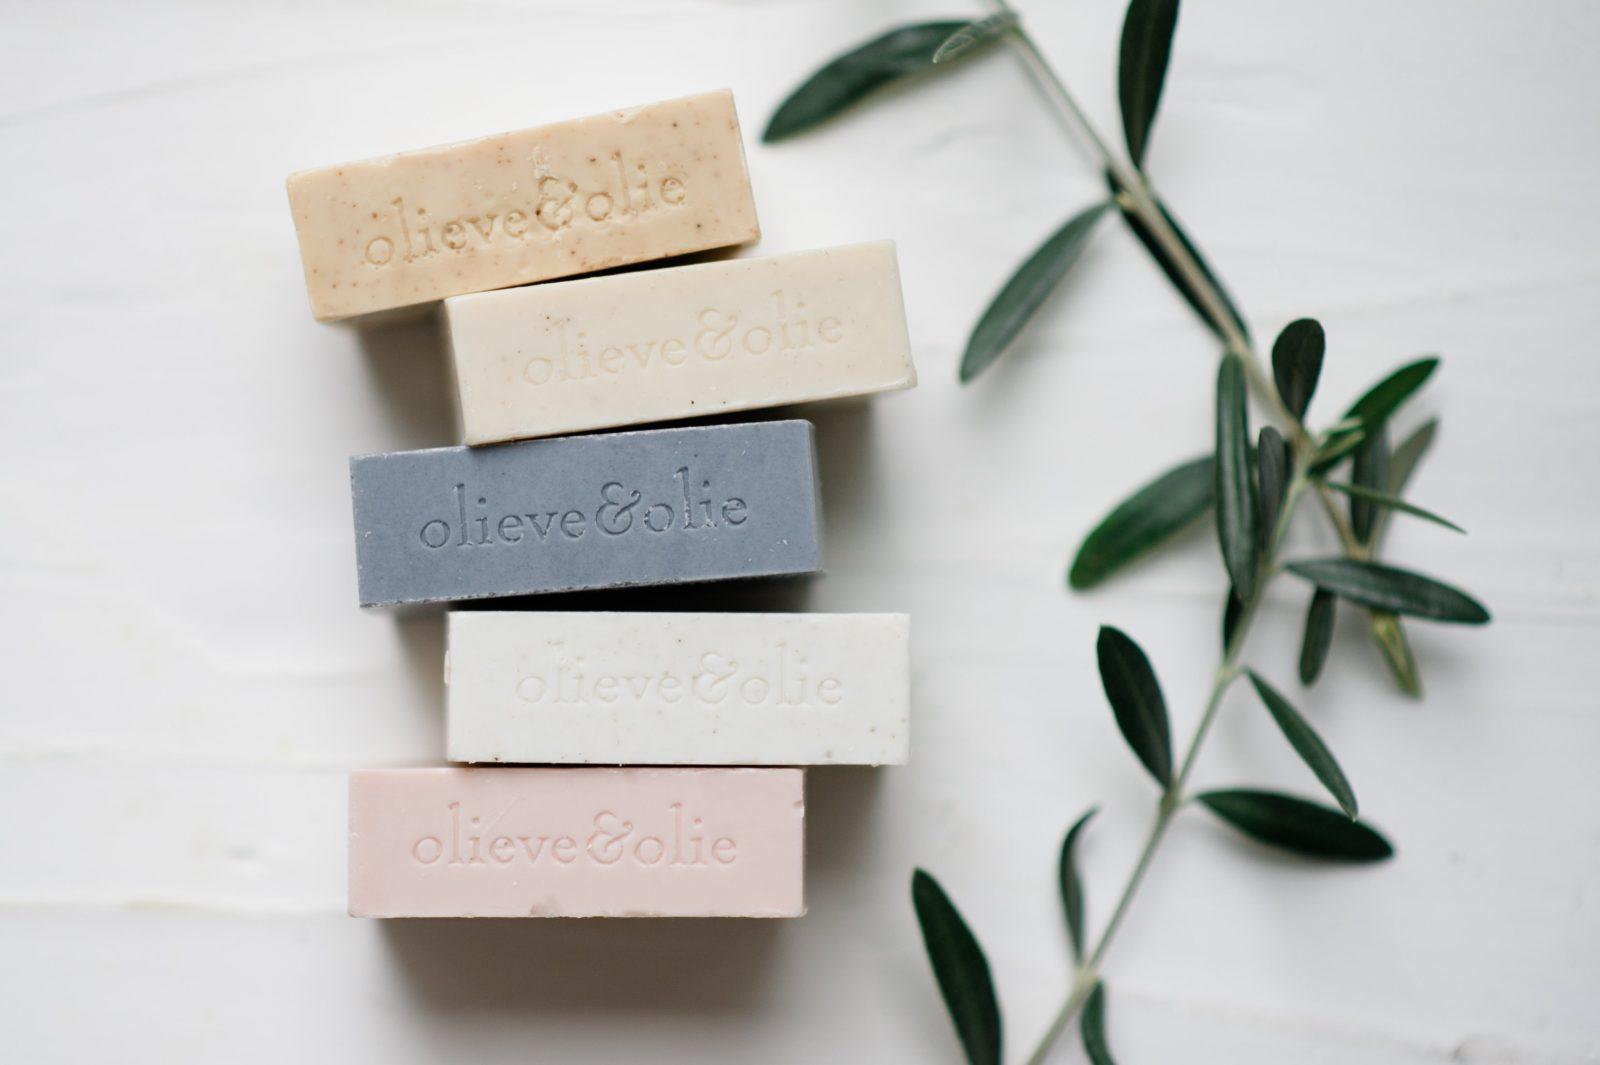 Handmade Olieve & Olie Skincare